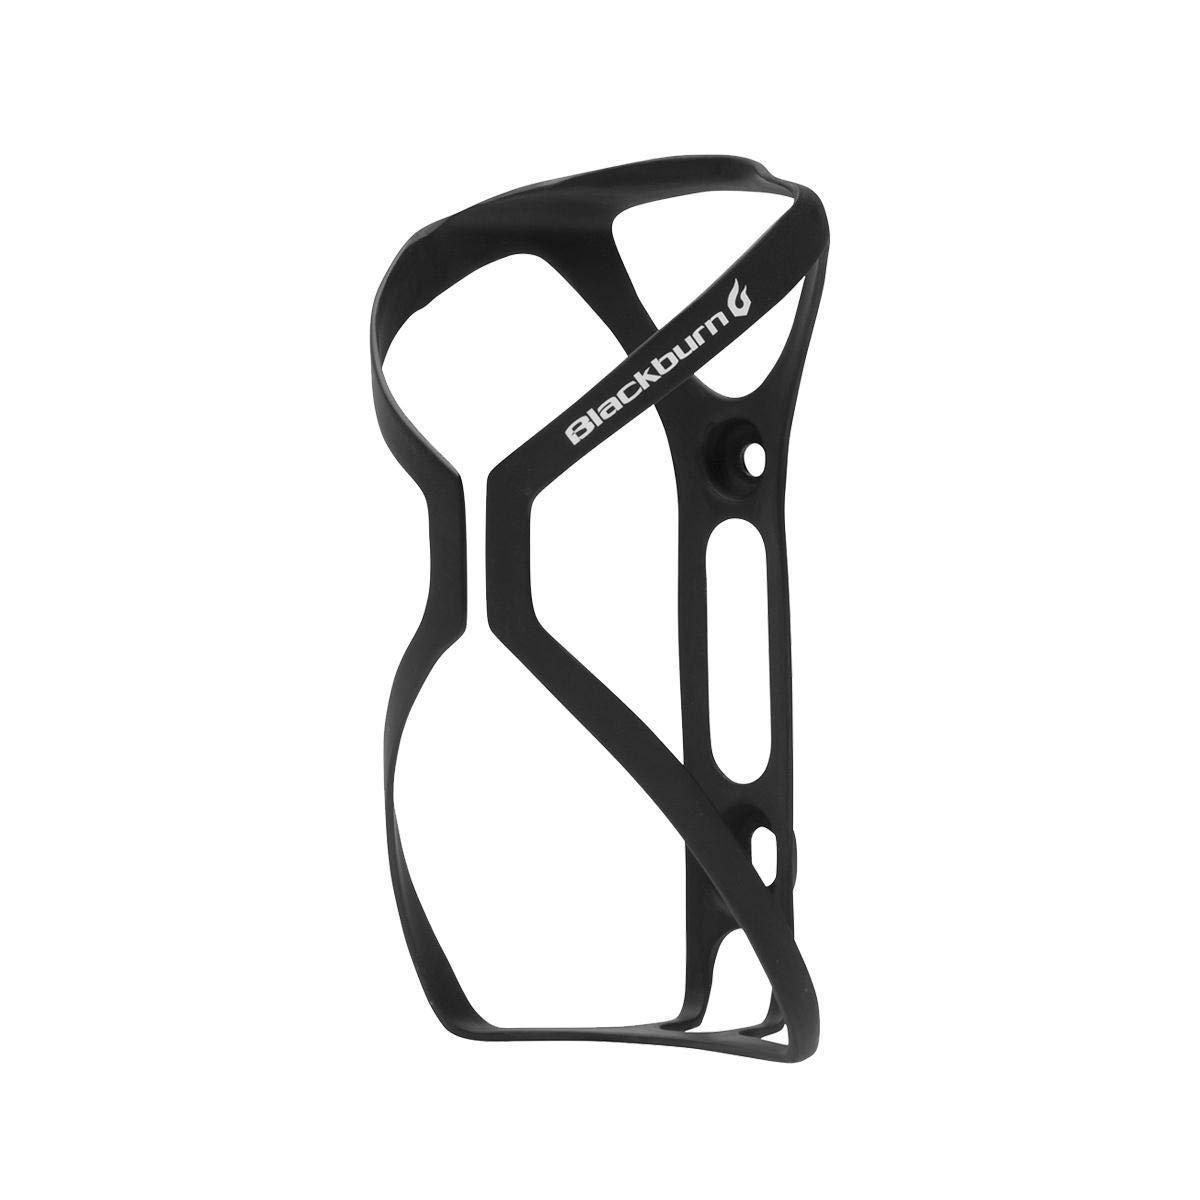 Blackburn Cinch Carbon Fiber Bottle Cage - Matte Black by Blackburn